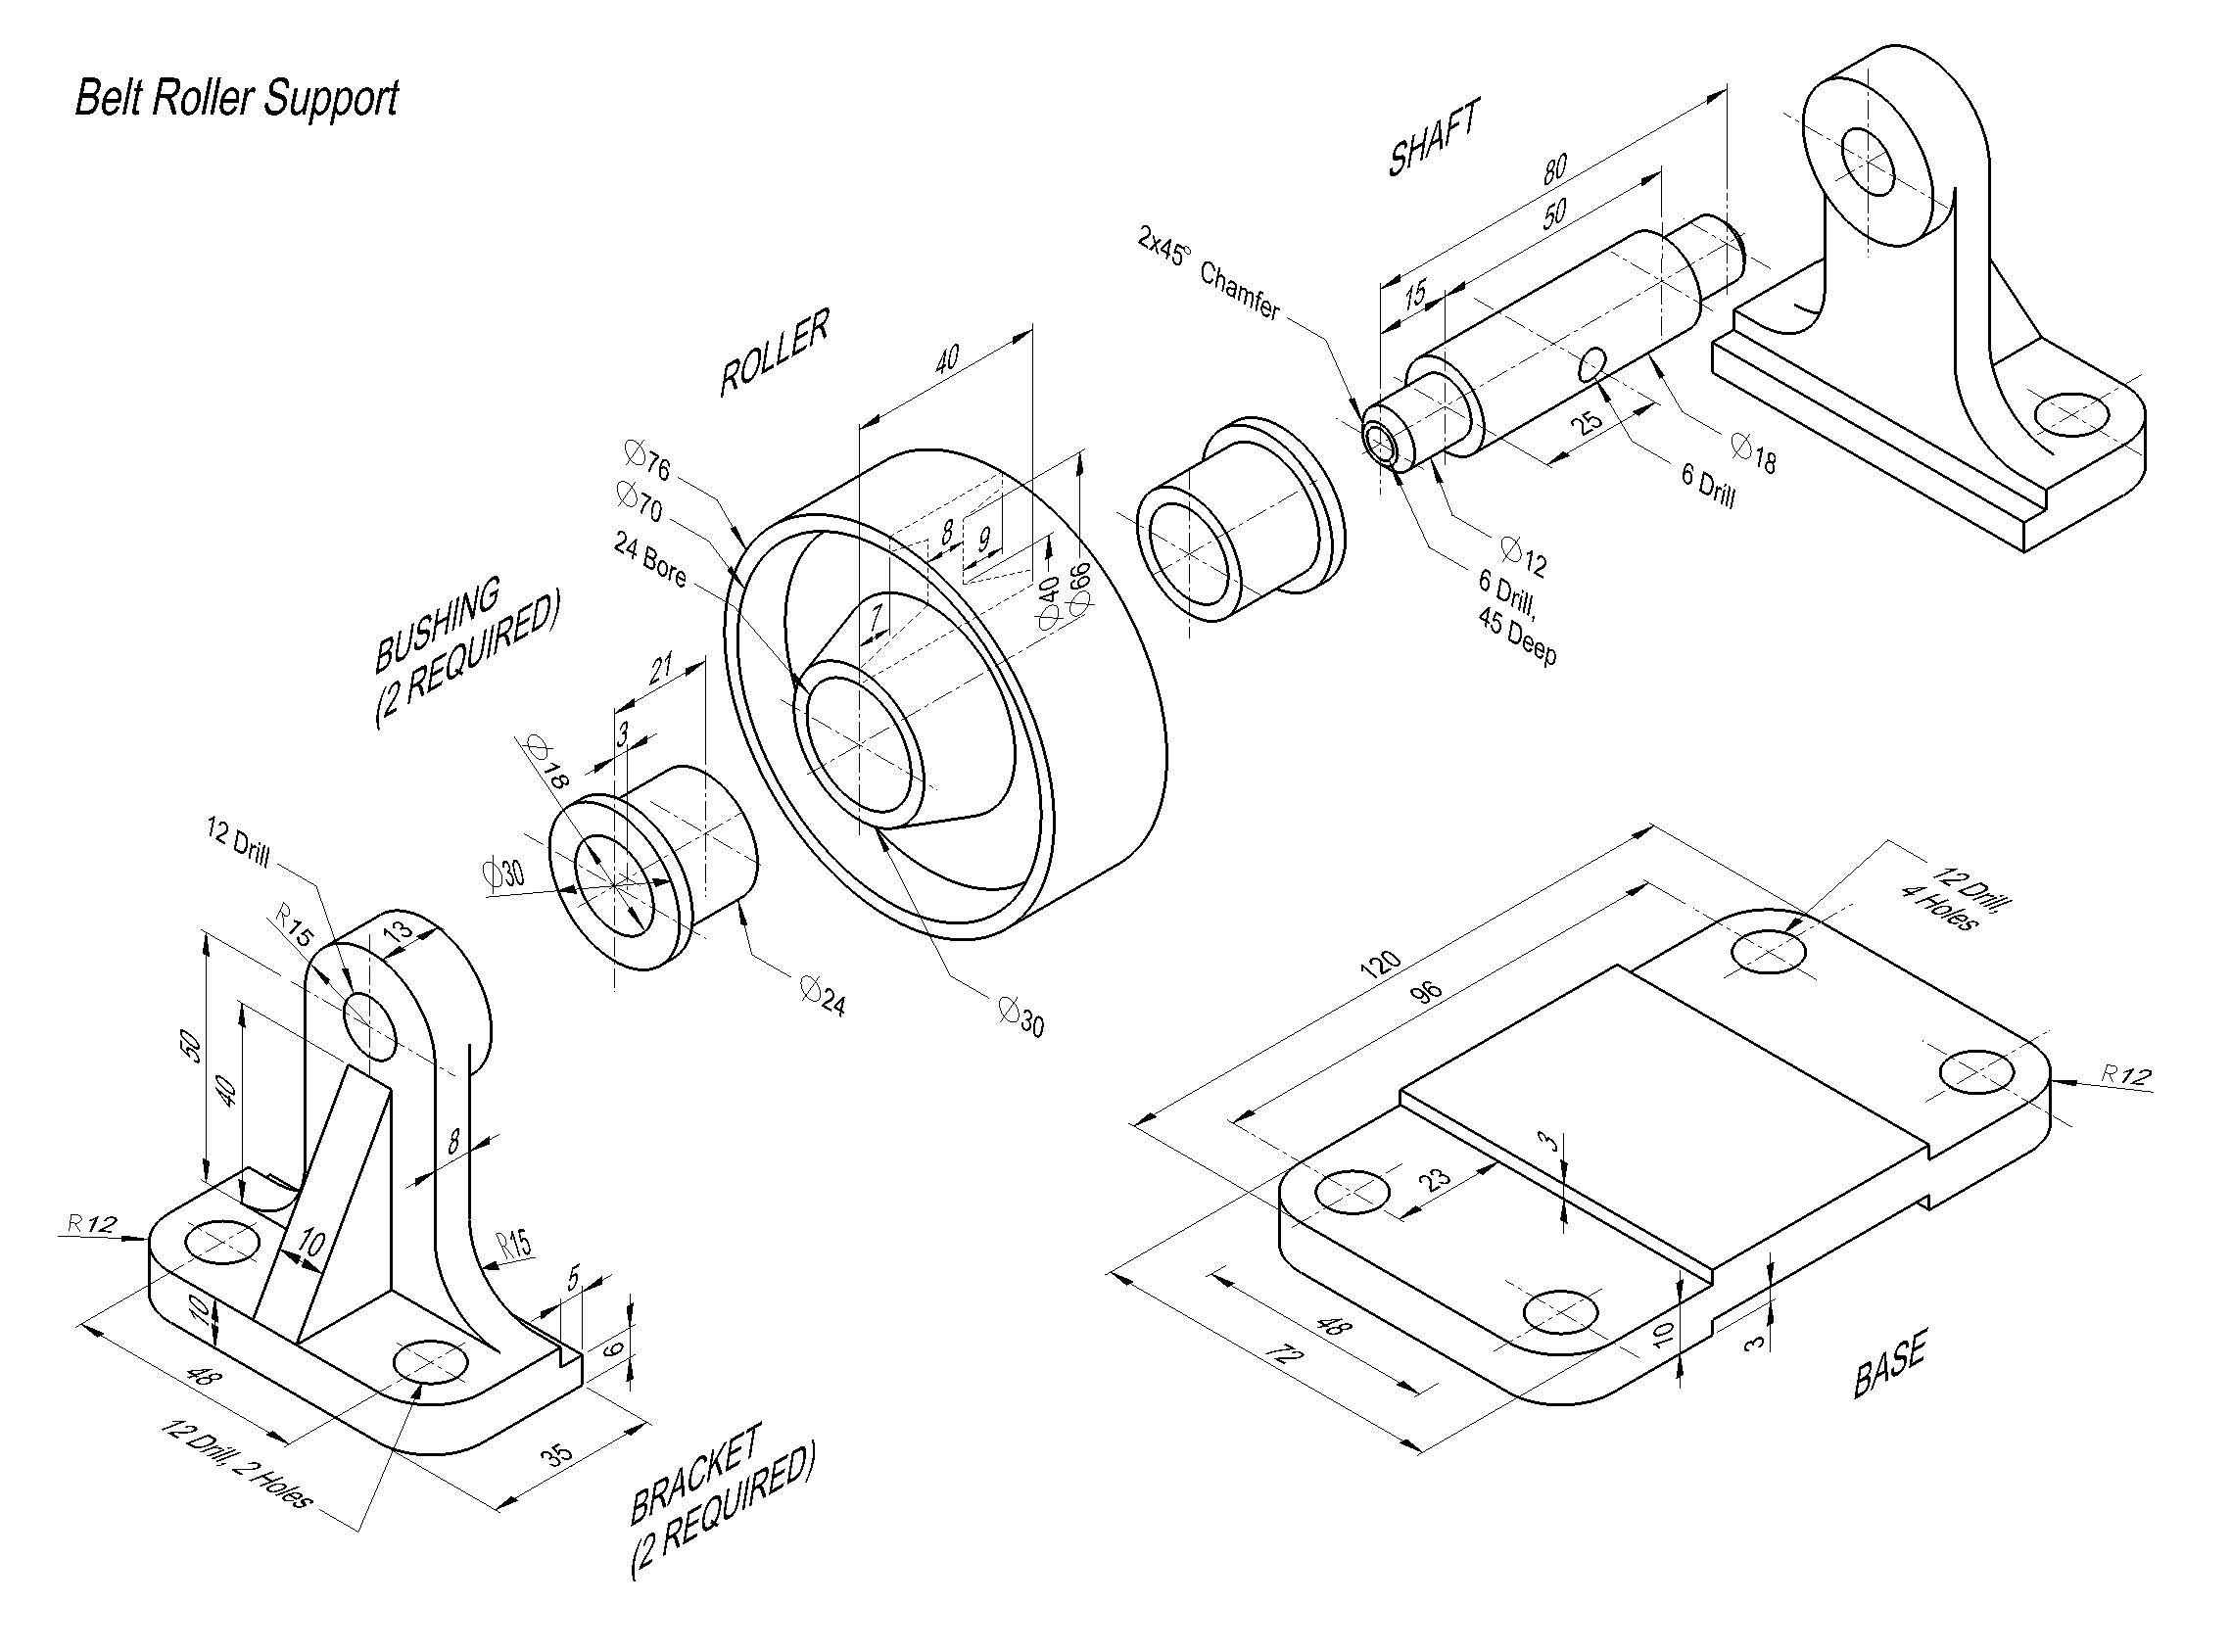 Belt Rollersupport Complete